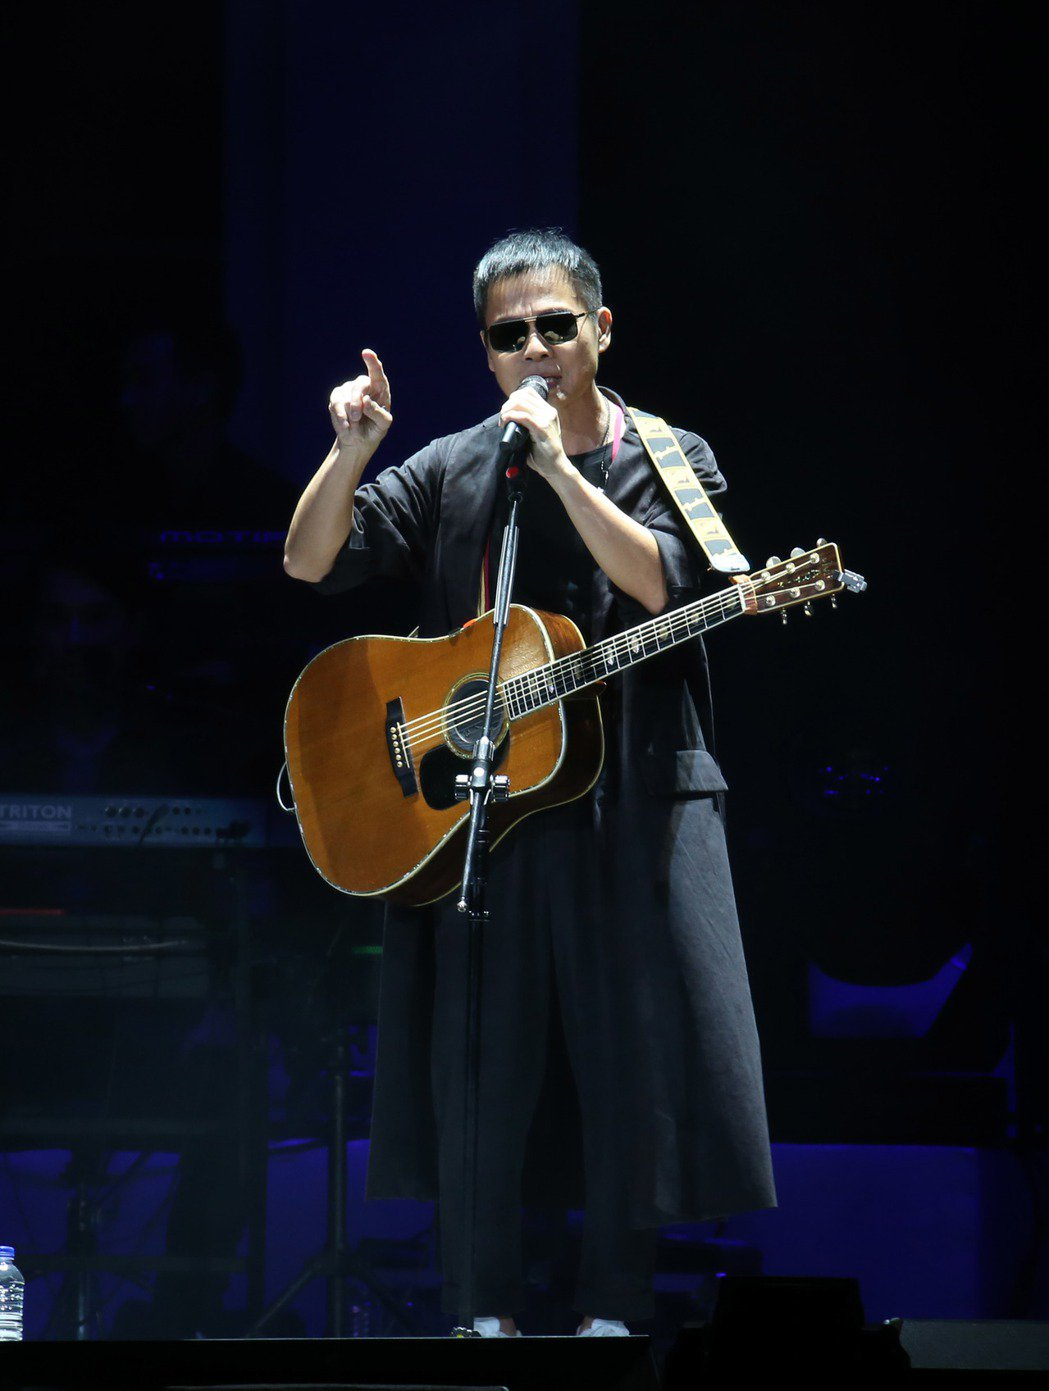 羅大佑今晚在台北小巨蛋舉辦演唱會。記者陳瑞源/攝影